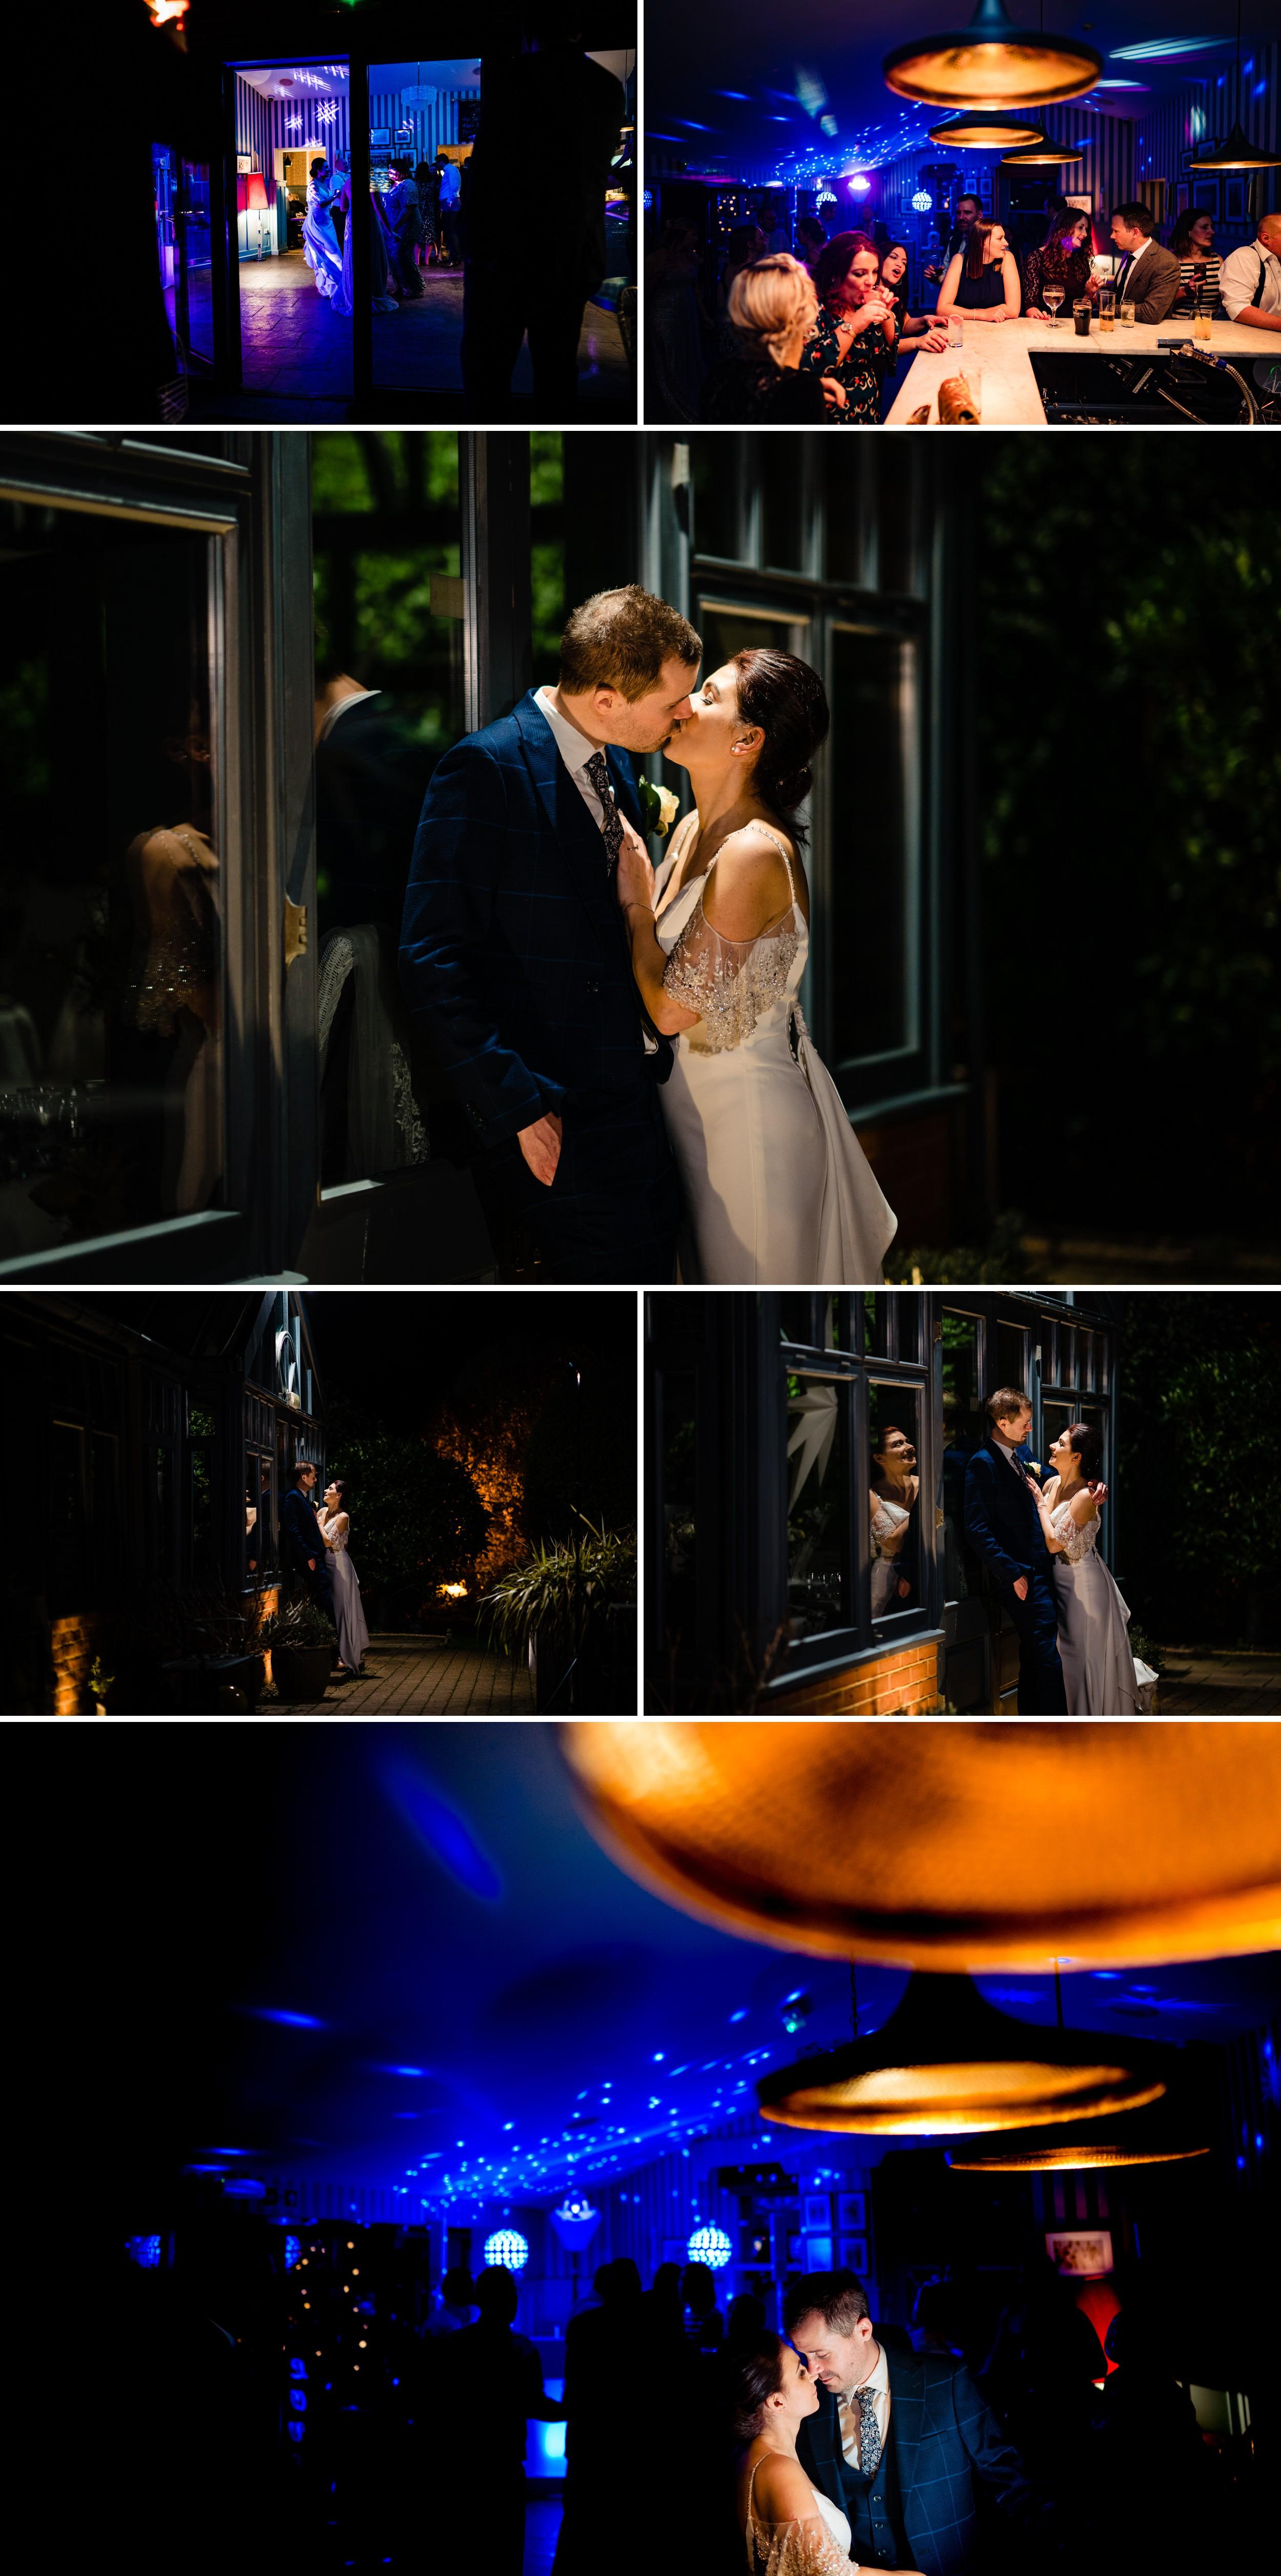 Titchwell-manor-north-norfolk-wedding_Michelle-Oliver_0031.jpg